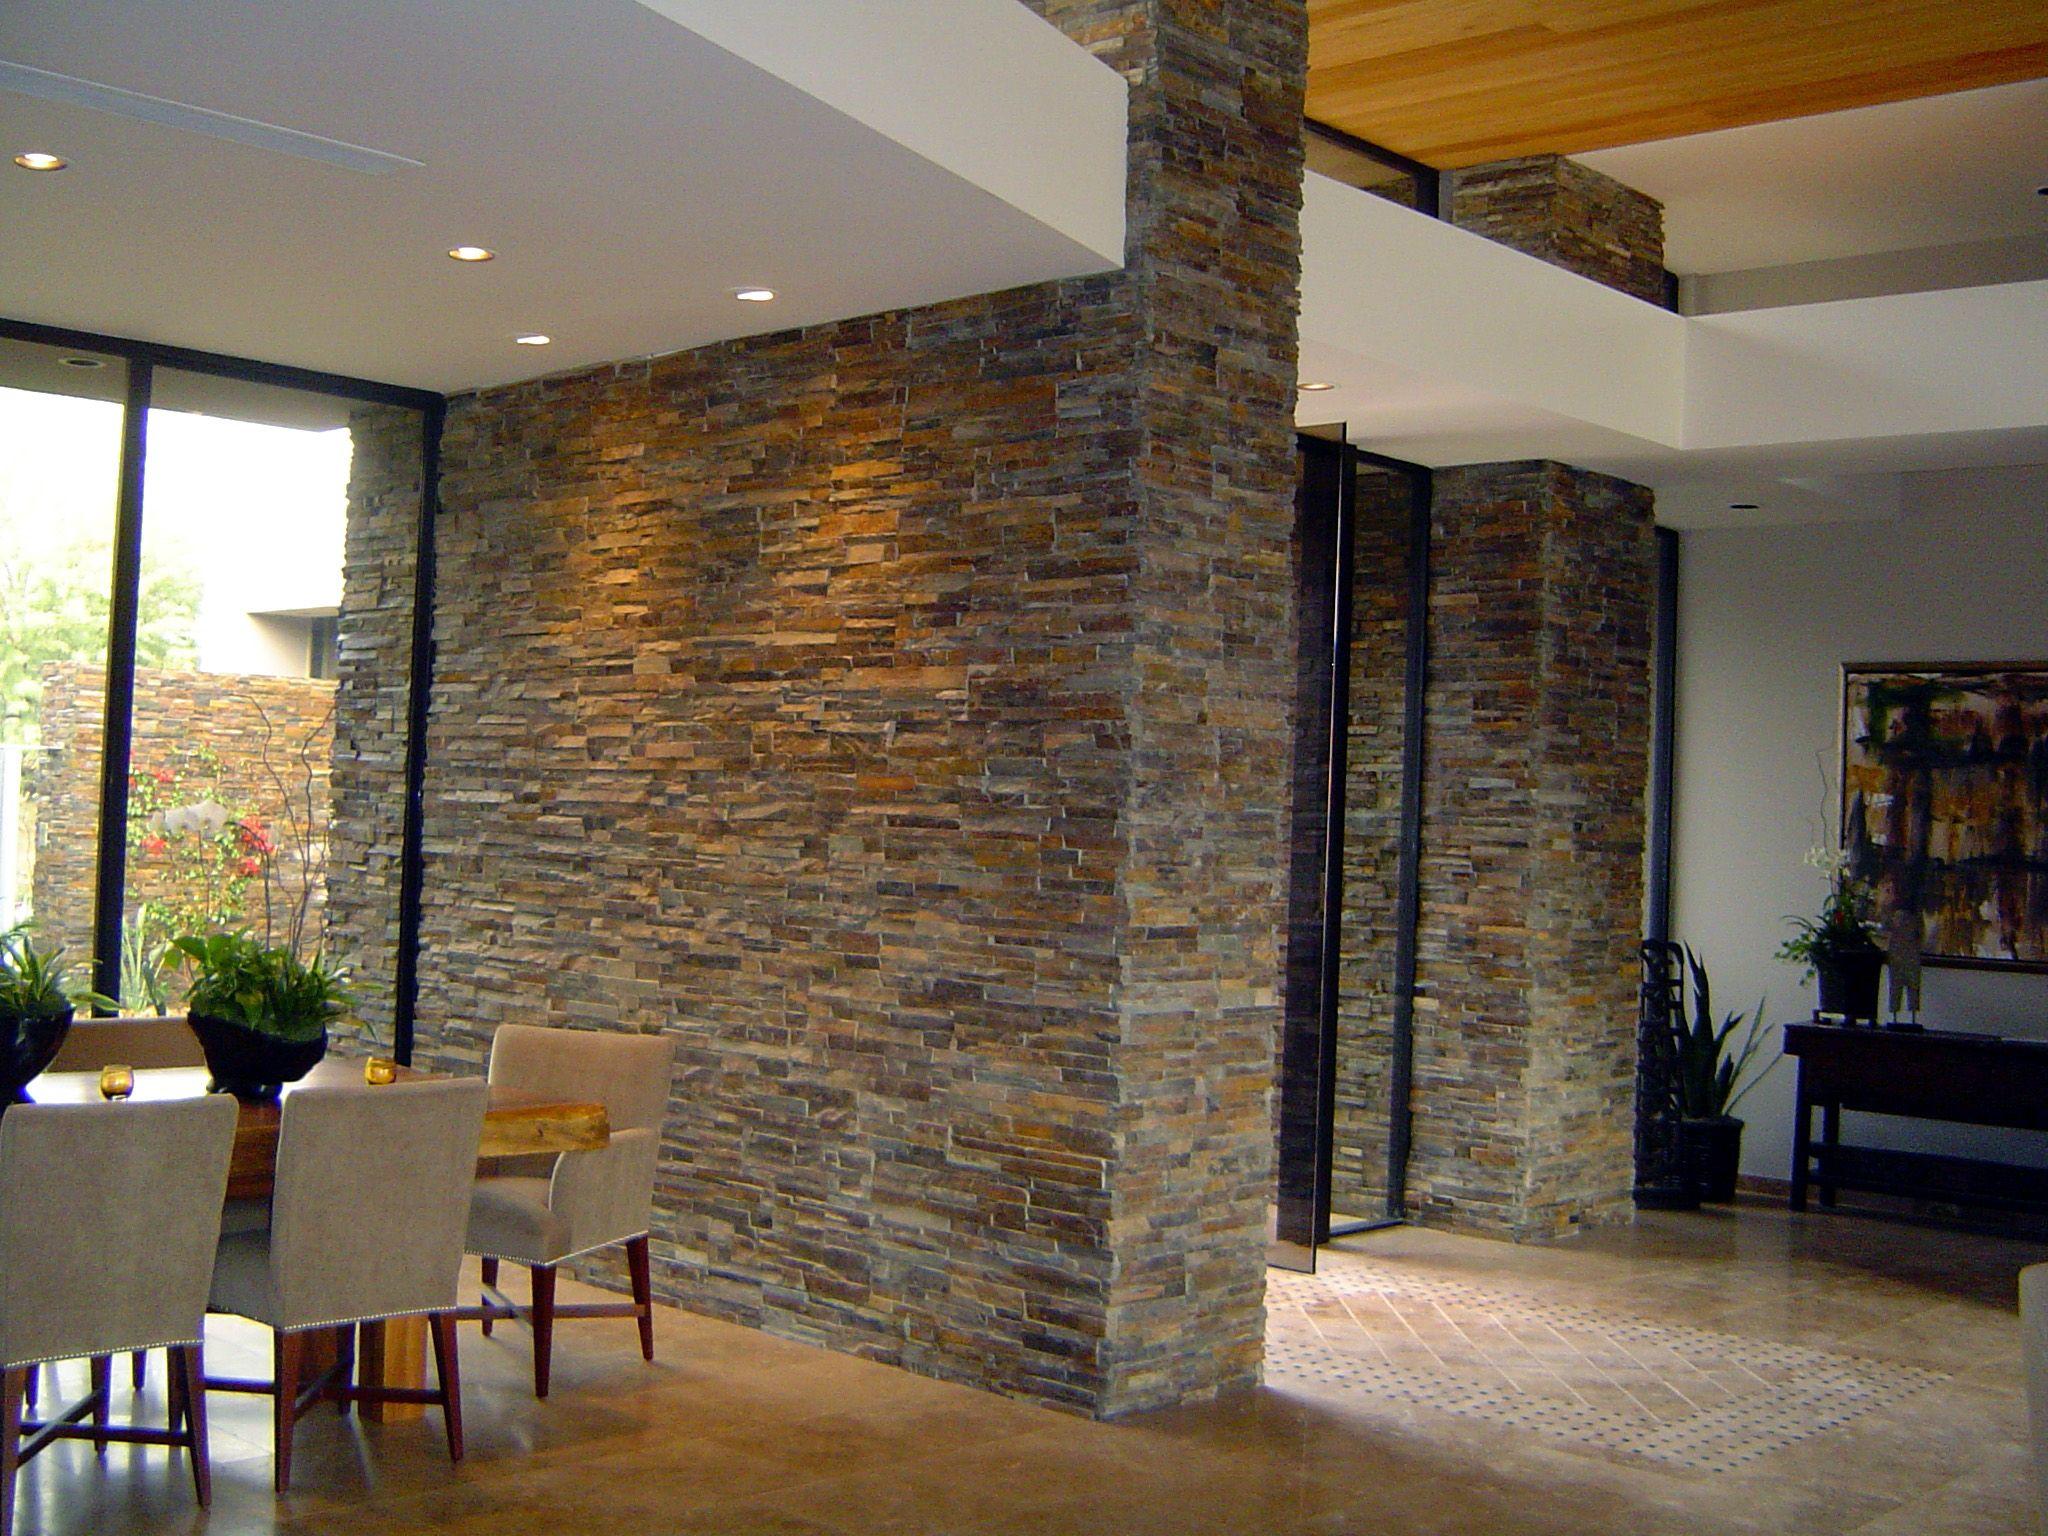 Estupendo sal n decorado con paneles premontados de piedra - Salon de piedra ...